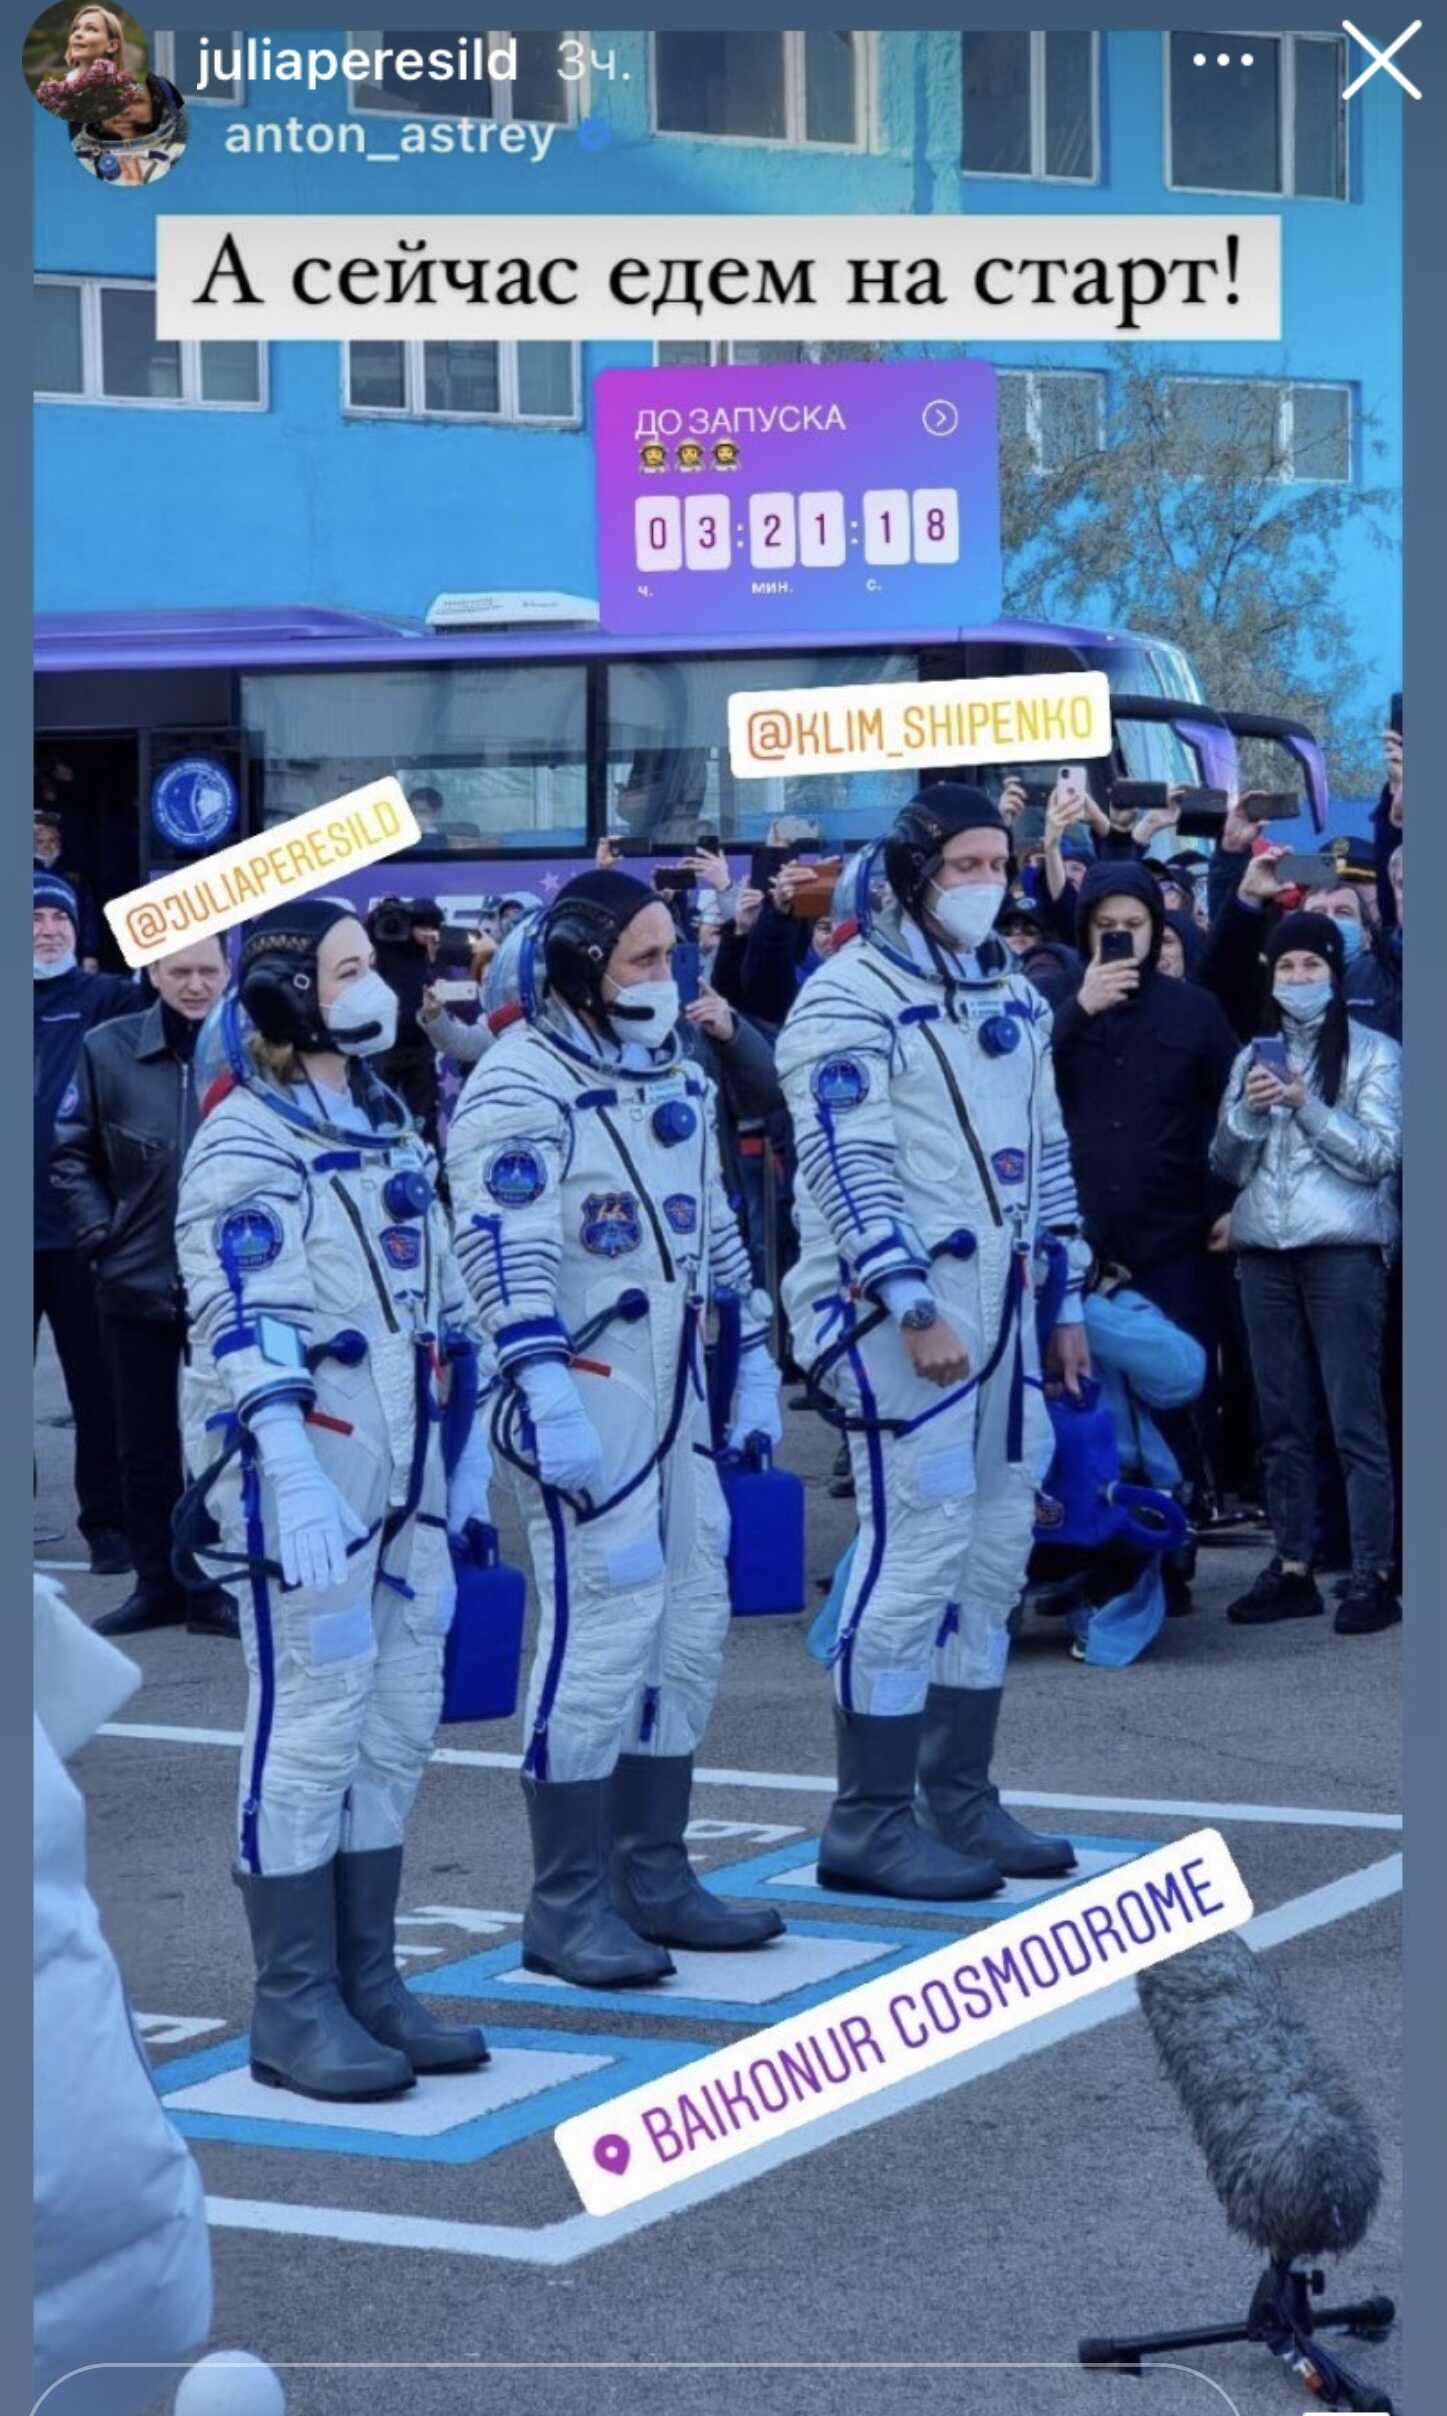 Юлия Пересильд и Клим Шипенко через несколько минут полетят в космос